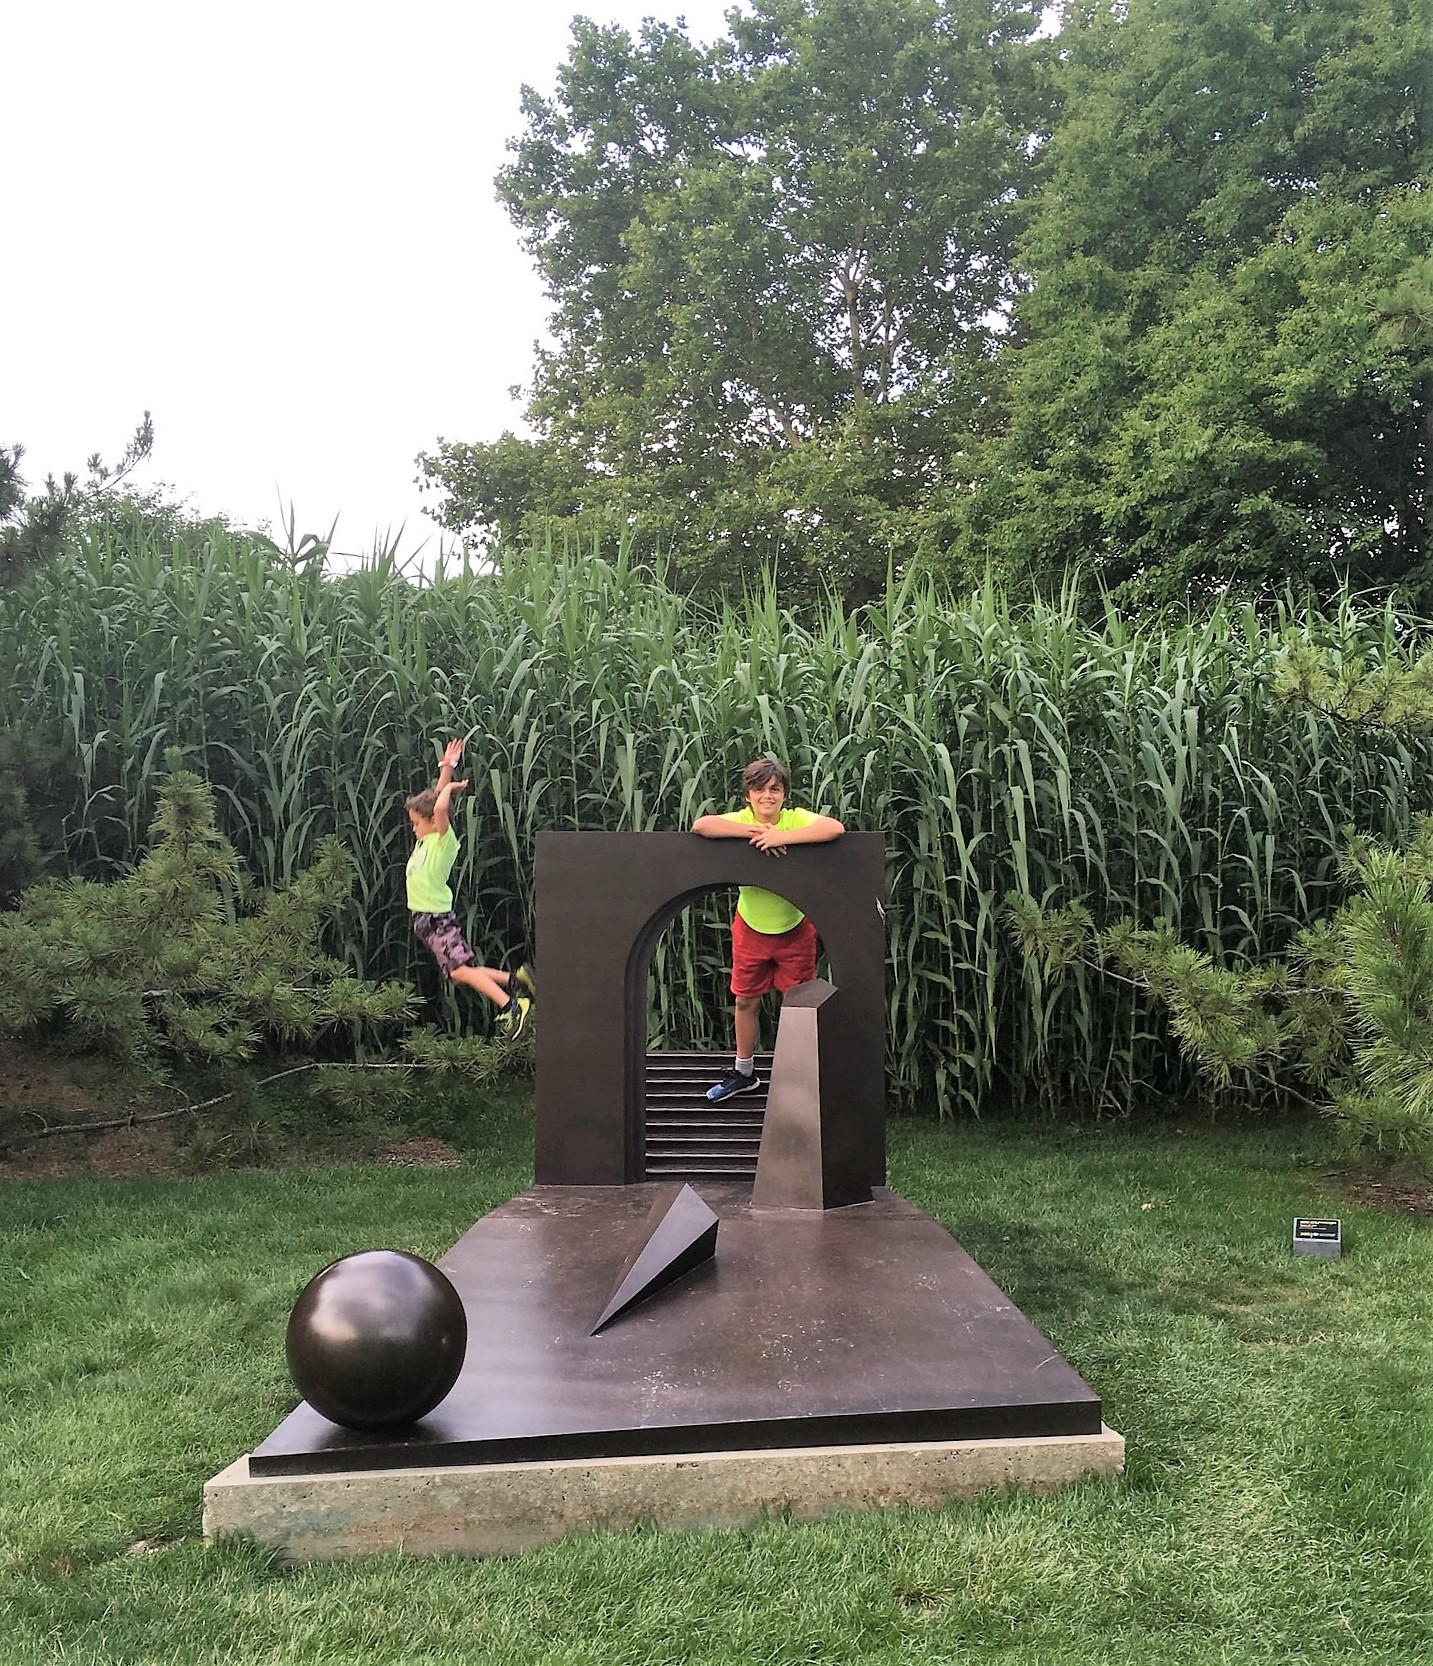 kids fun at Sculpture Garden - garden of sculptures